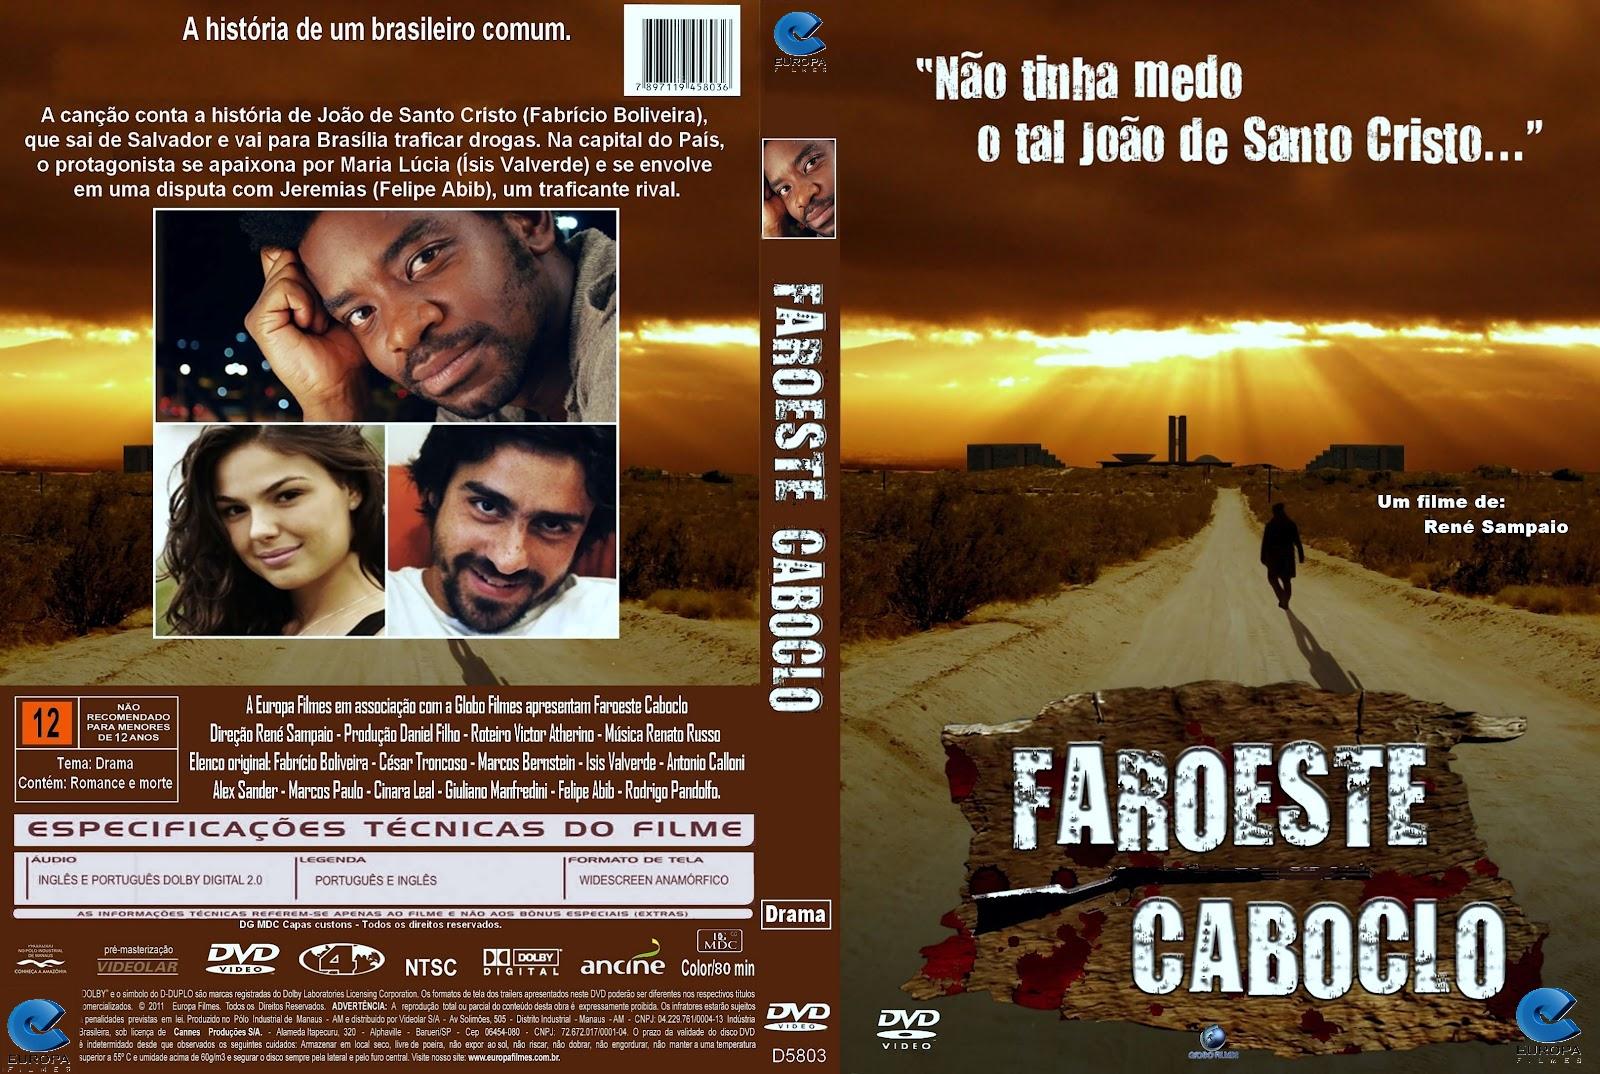 faroeste caboclo filme 720p download gratuito - nnelunener cf